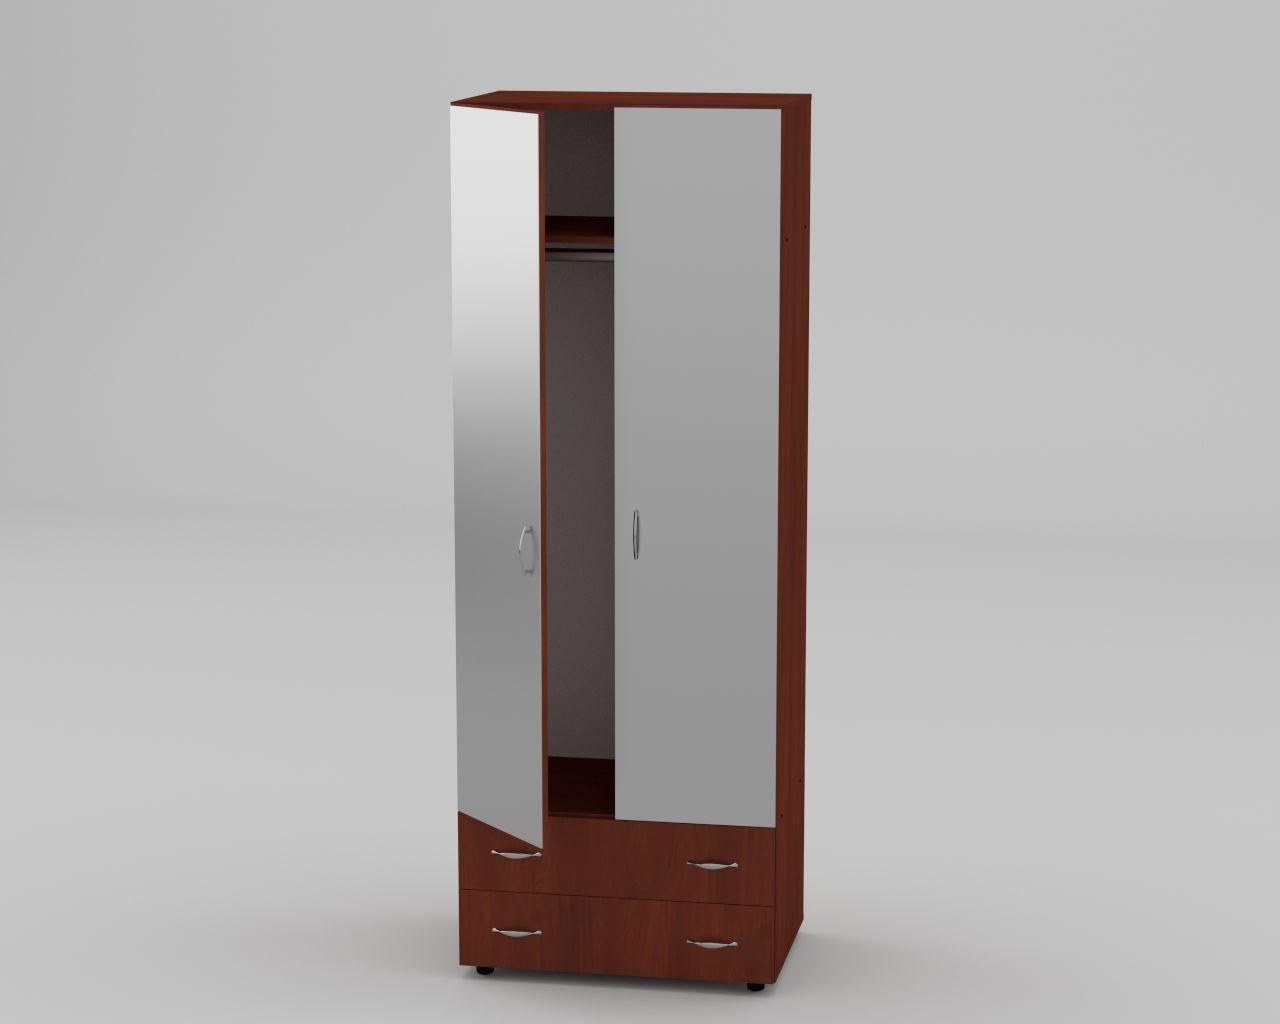 Шкаф платяной с распашными фасадами  - 5